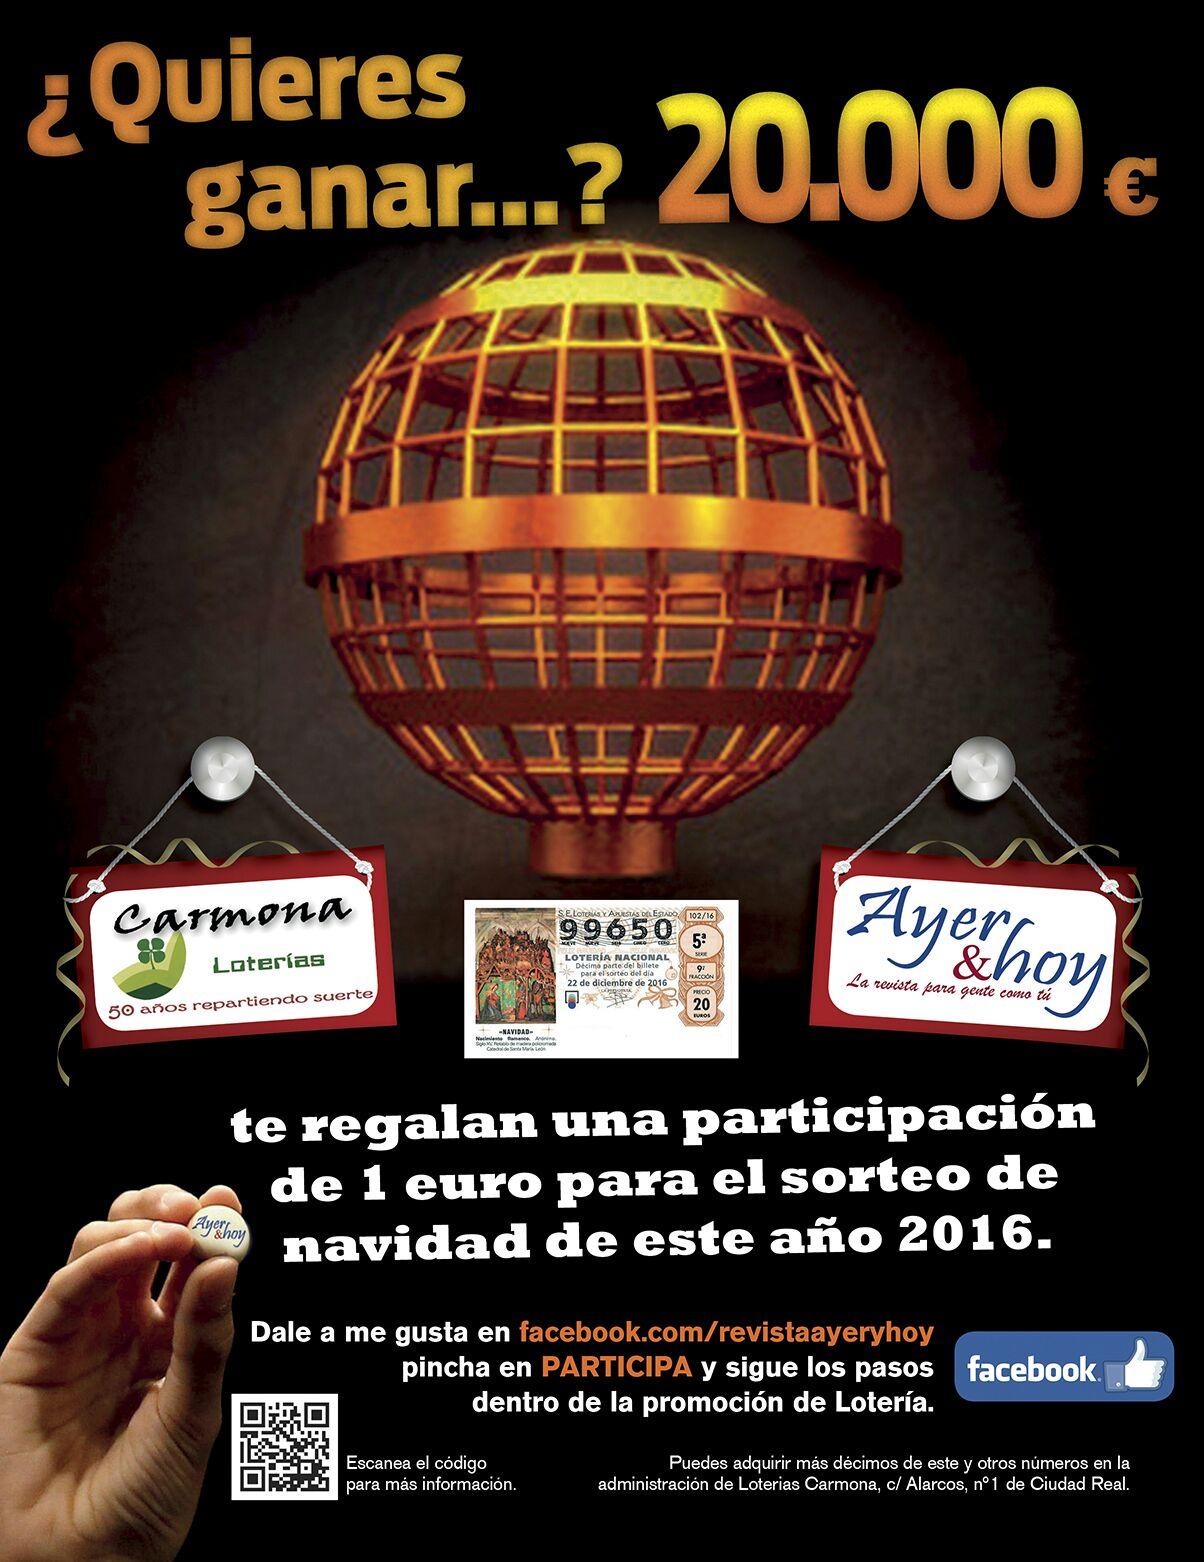 Ayer & hoy y Loterías Carmona vuelven a regalar la ilusión del Gordo de la Lotería de Navidad